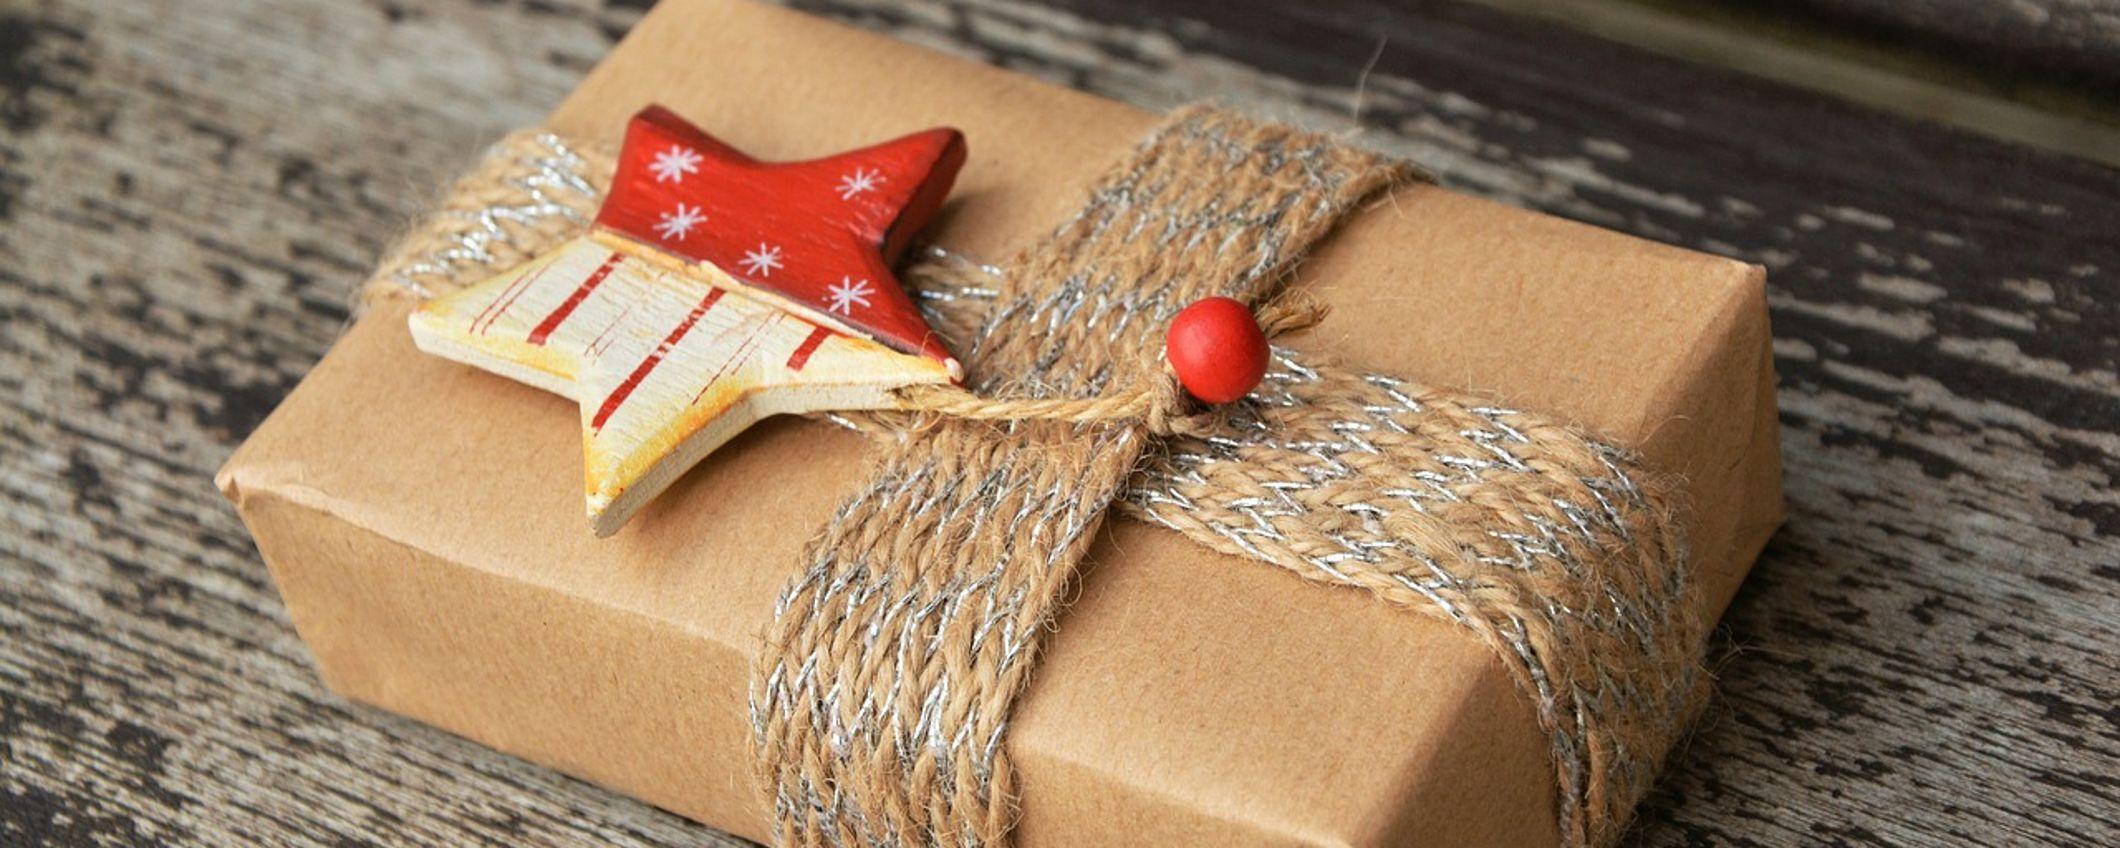 gift-1760869_1280.jpg